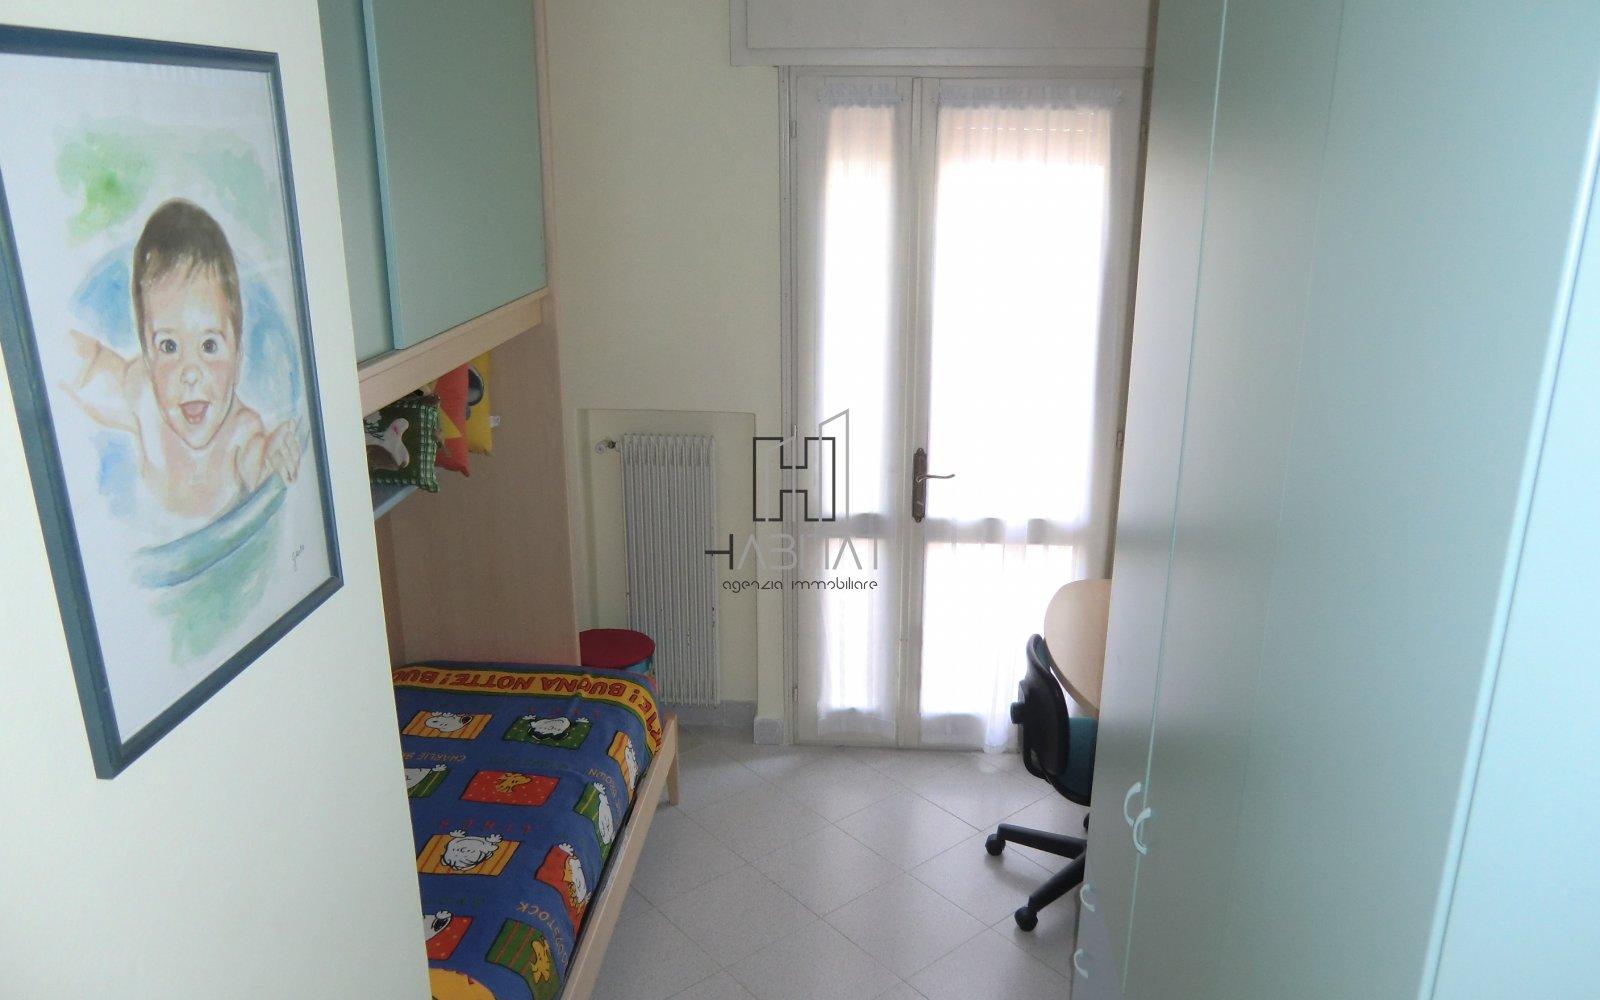 Ufficio Postale Di Jesolo Jesolo Ve : Appartamento jesolo lido agenzia immobiliare habitat case